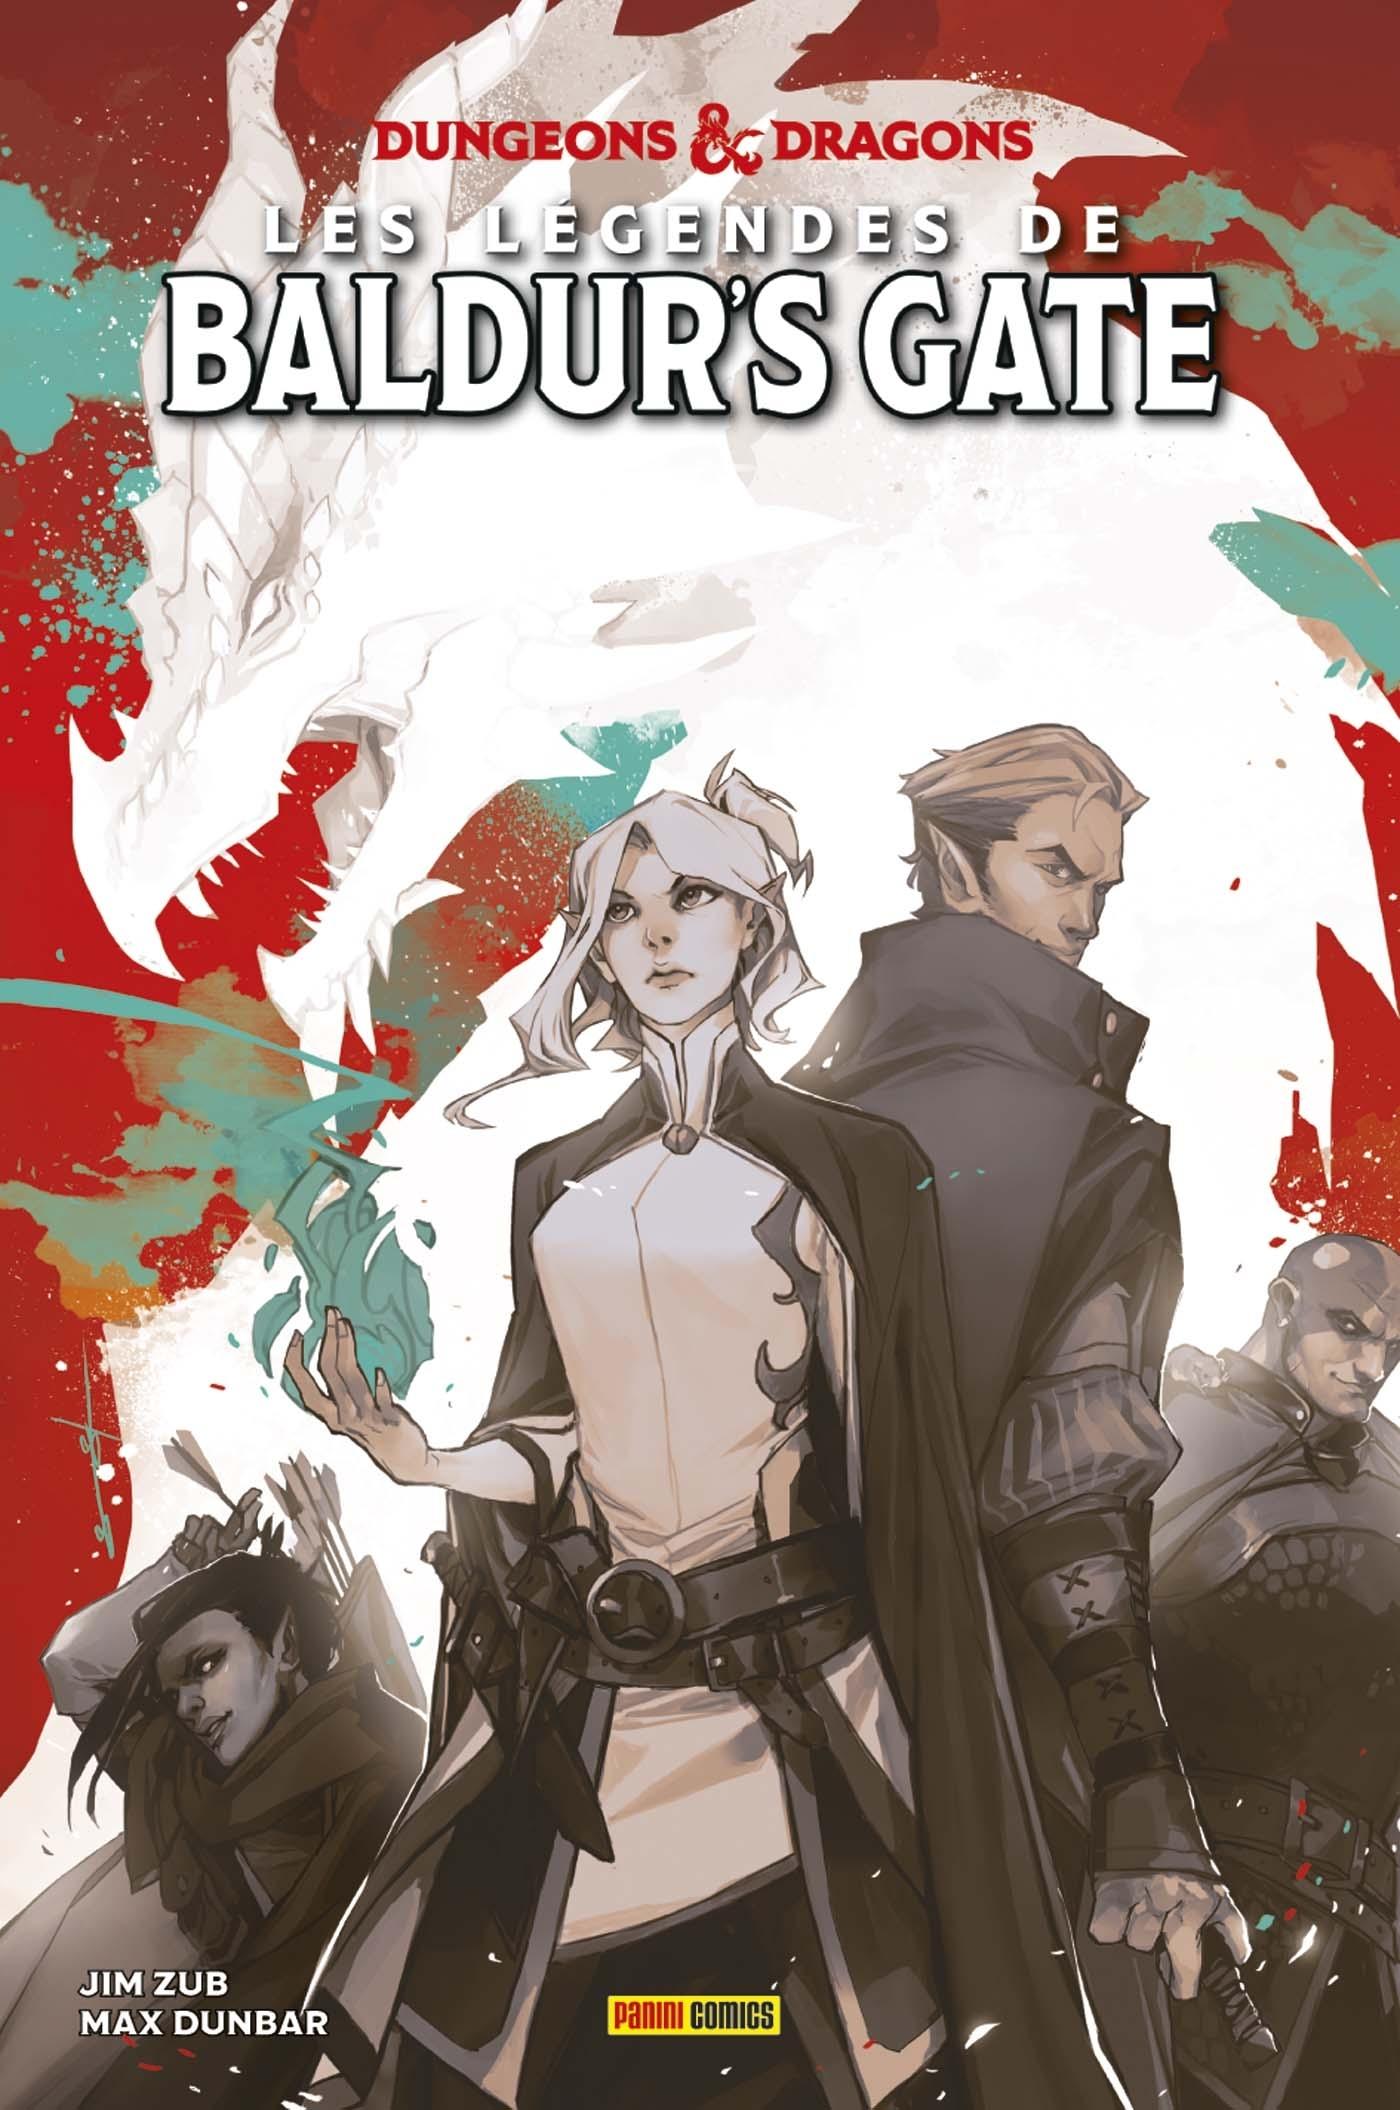 DUNGEONS & DRAGONS: LES LEGENDES DE BALDUR'S GATE